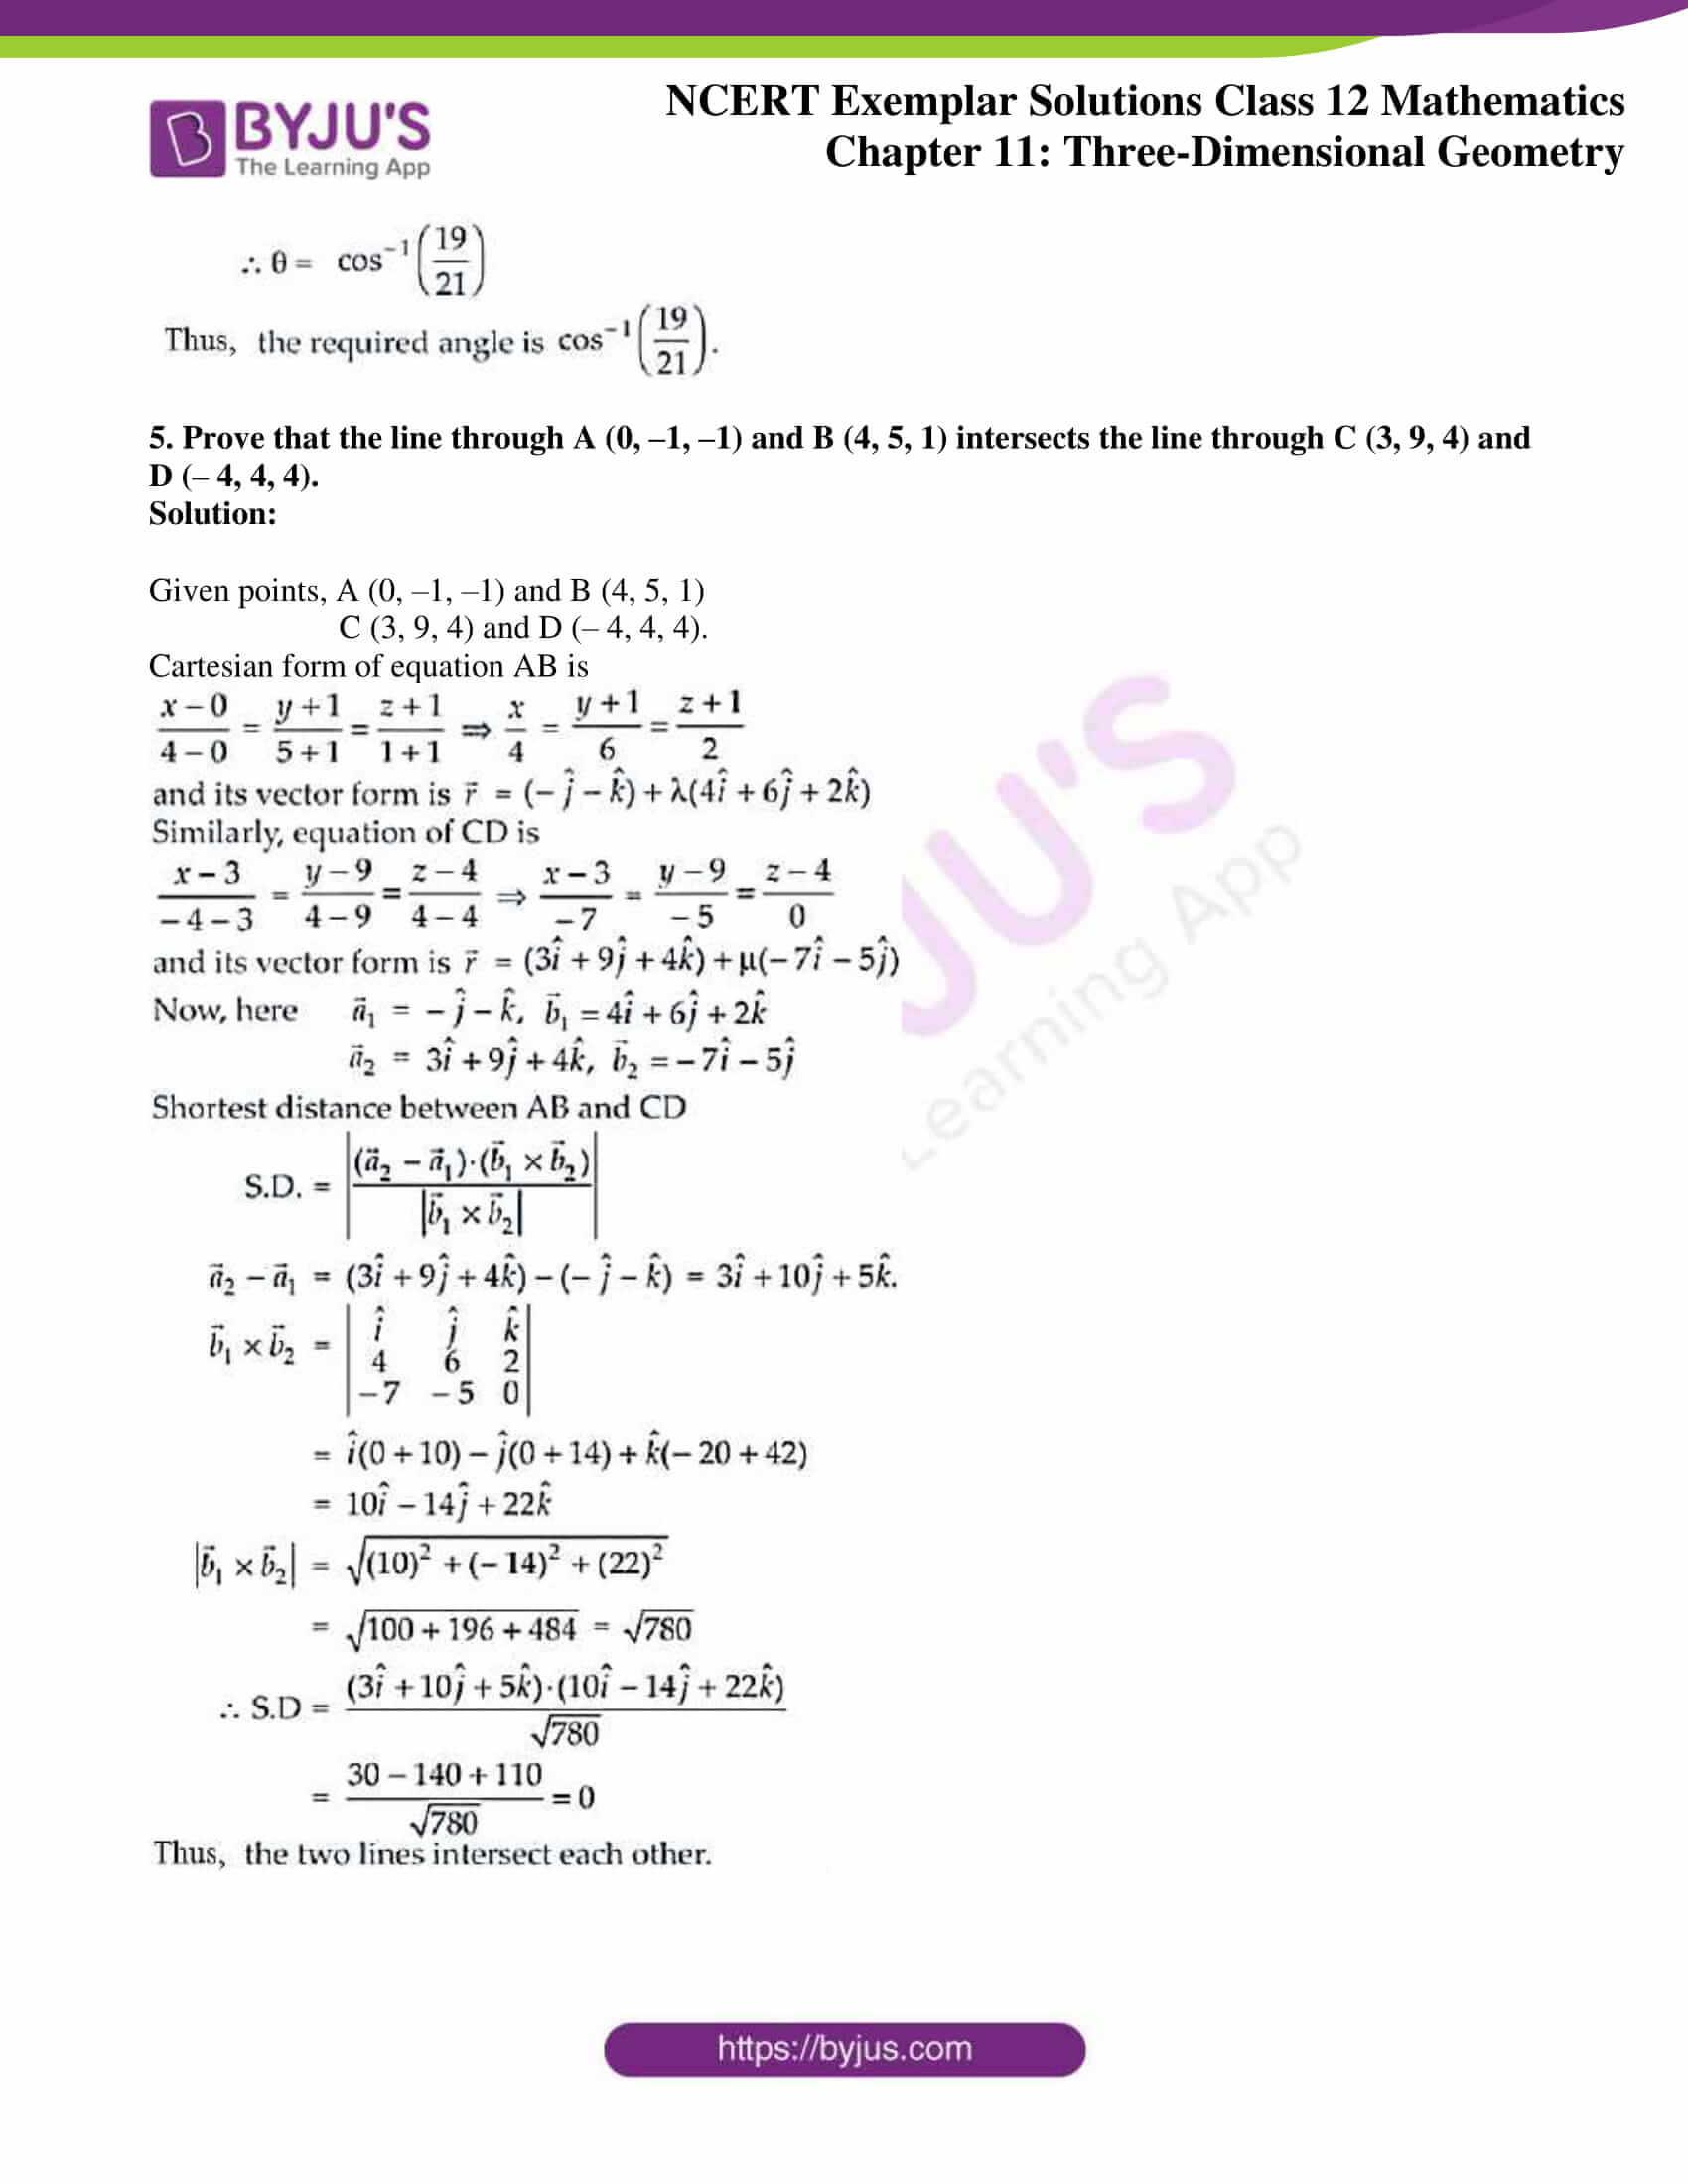 ncert exemplar sol class 12 mathematics ch 11 03